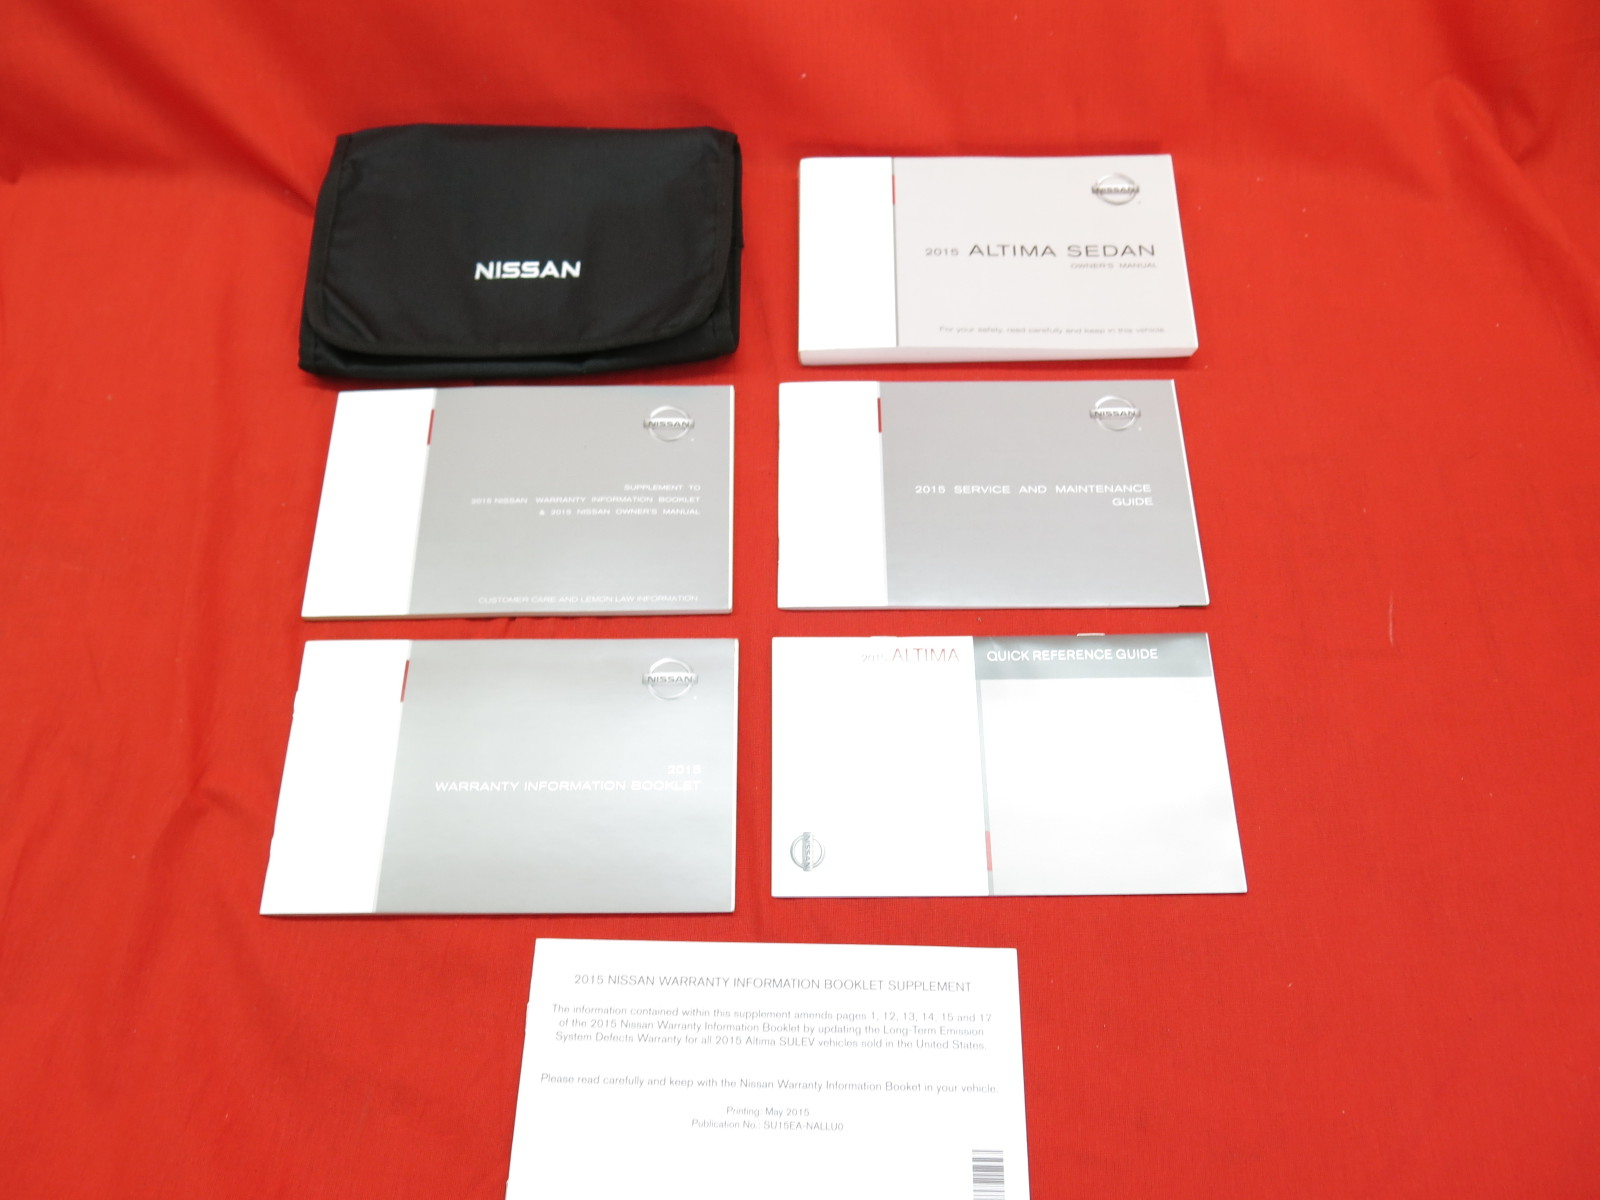 2013 Nissan Altima Sedan Manual Guide